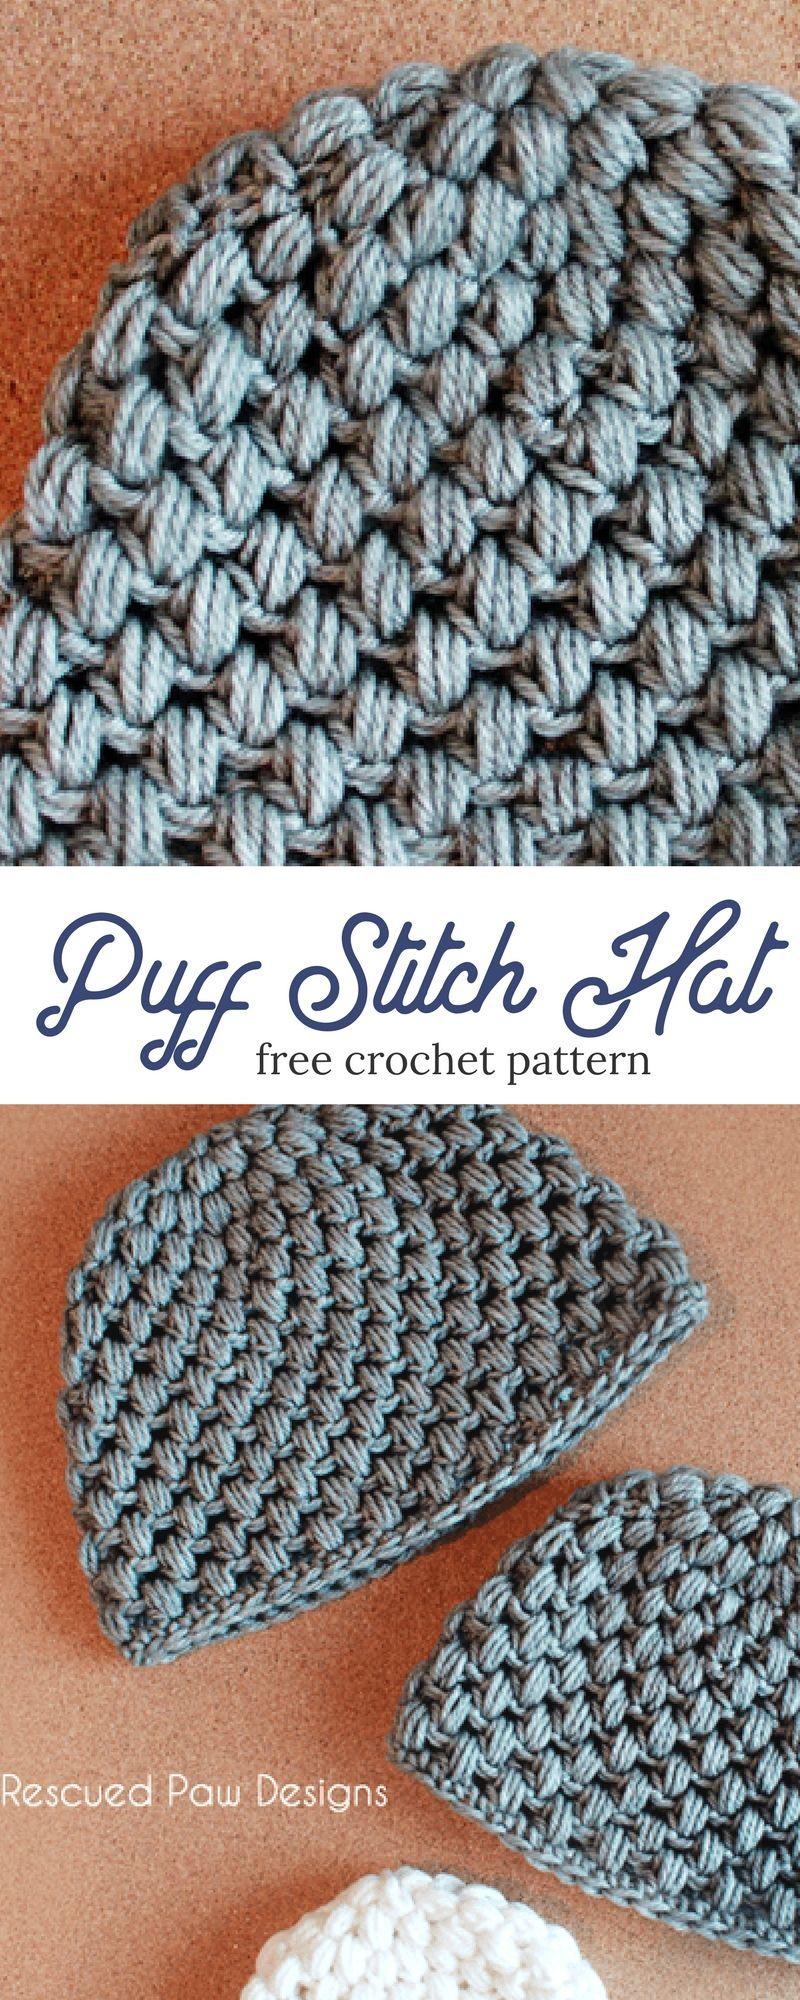 Puff Stitch Crochet Hat Pattern Free Crochet Pattern | Puff stitch ...